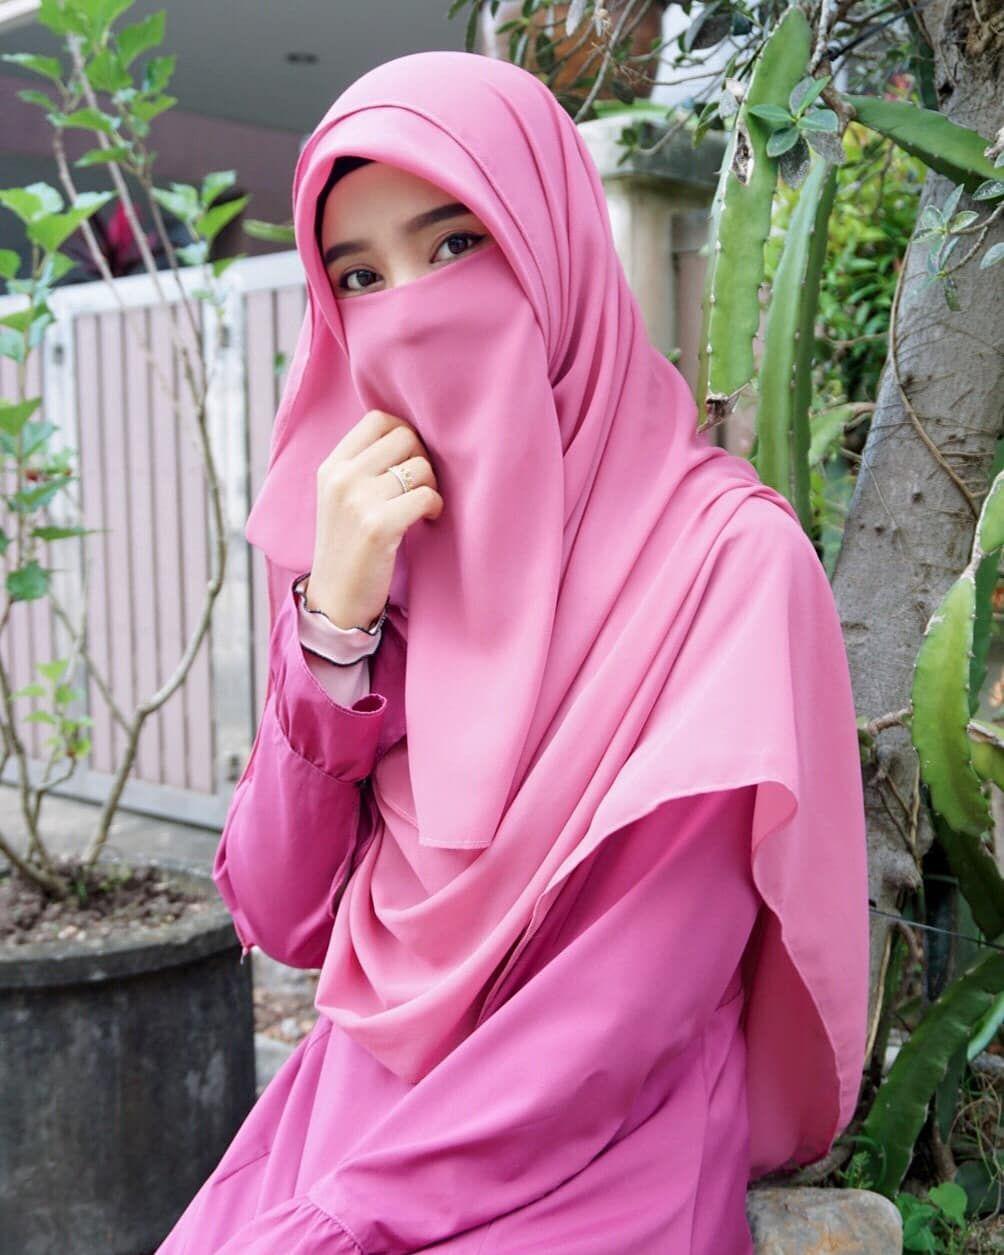 Gambar Mungkin Berisi 1 Orang Dekat Gaya Hijab Wanita Selebriti